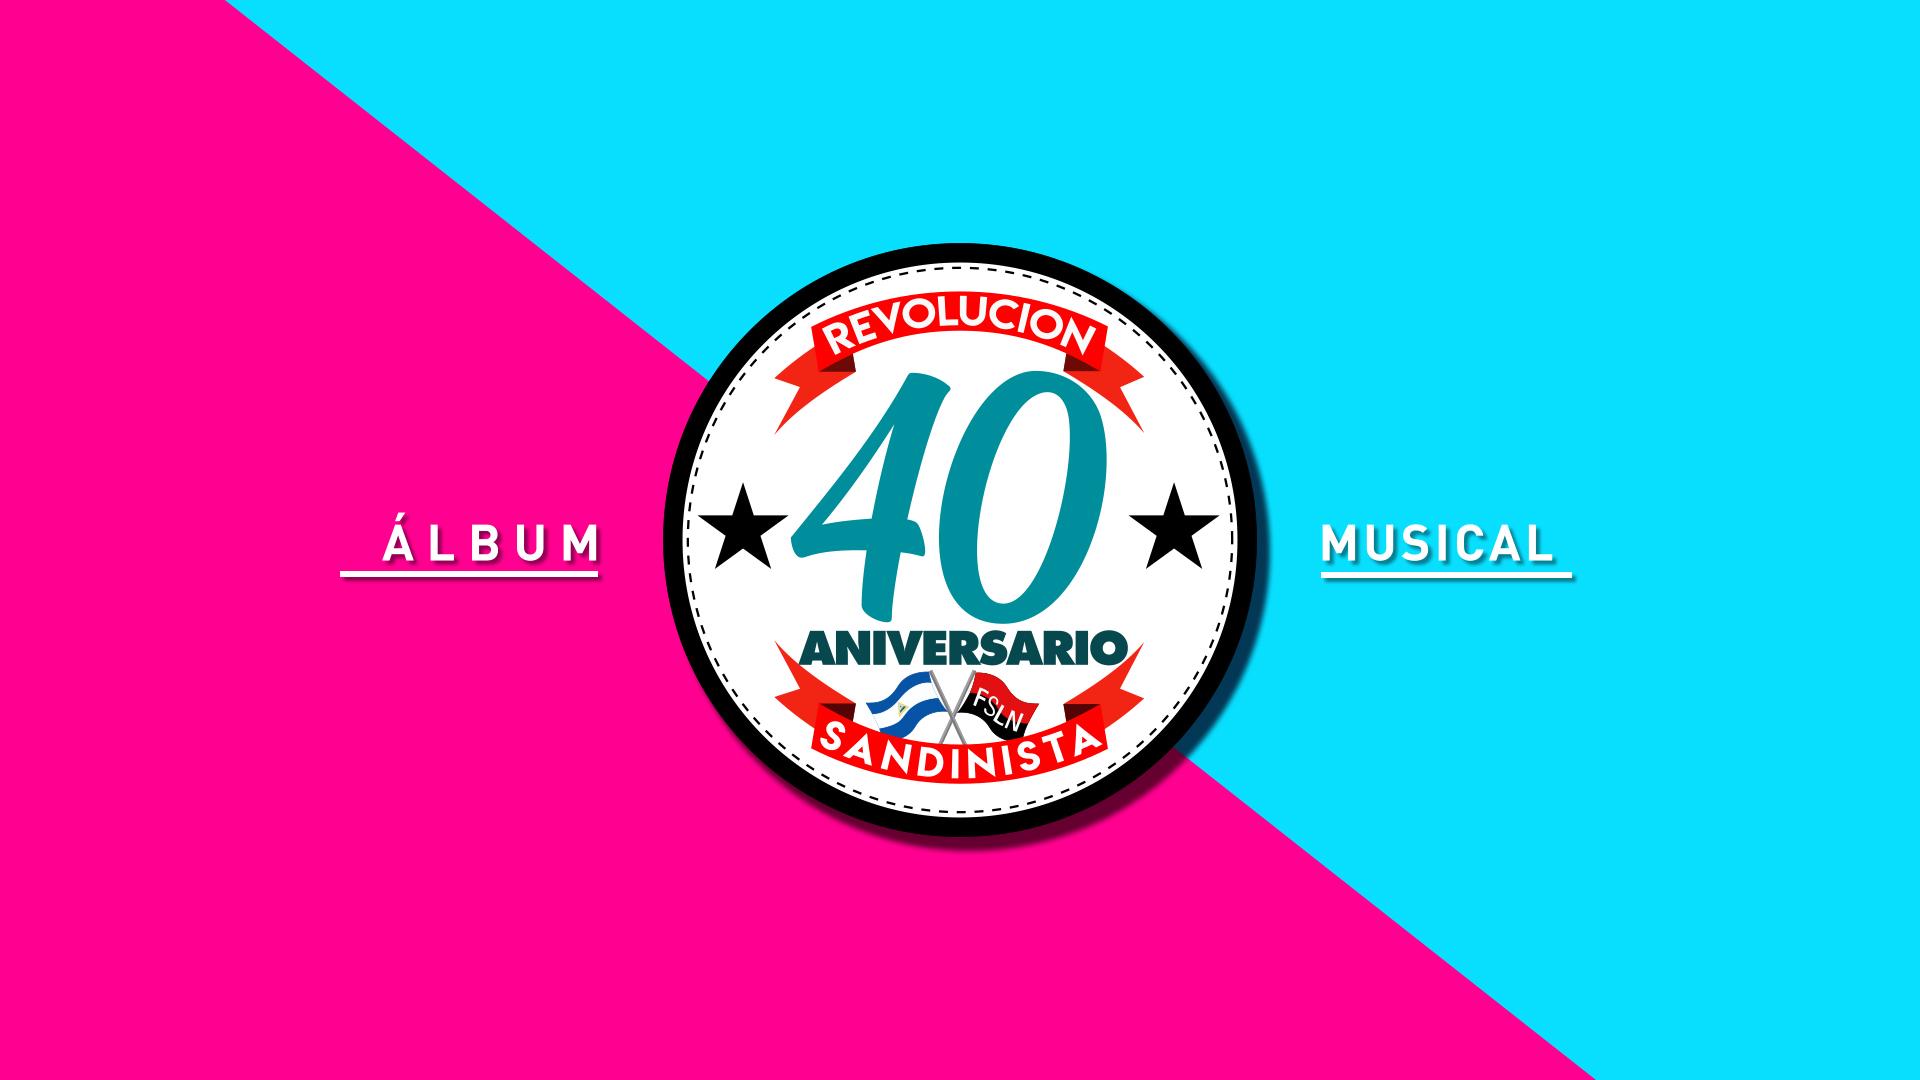 Bases de la Convocatoria al Disco Musical y Documental 40 Aniversario Revolución Sandinista